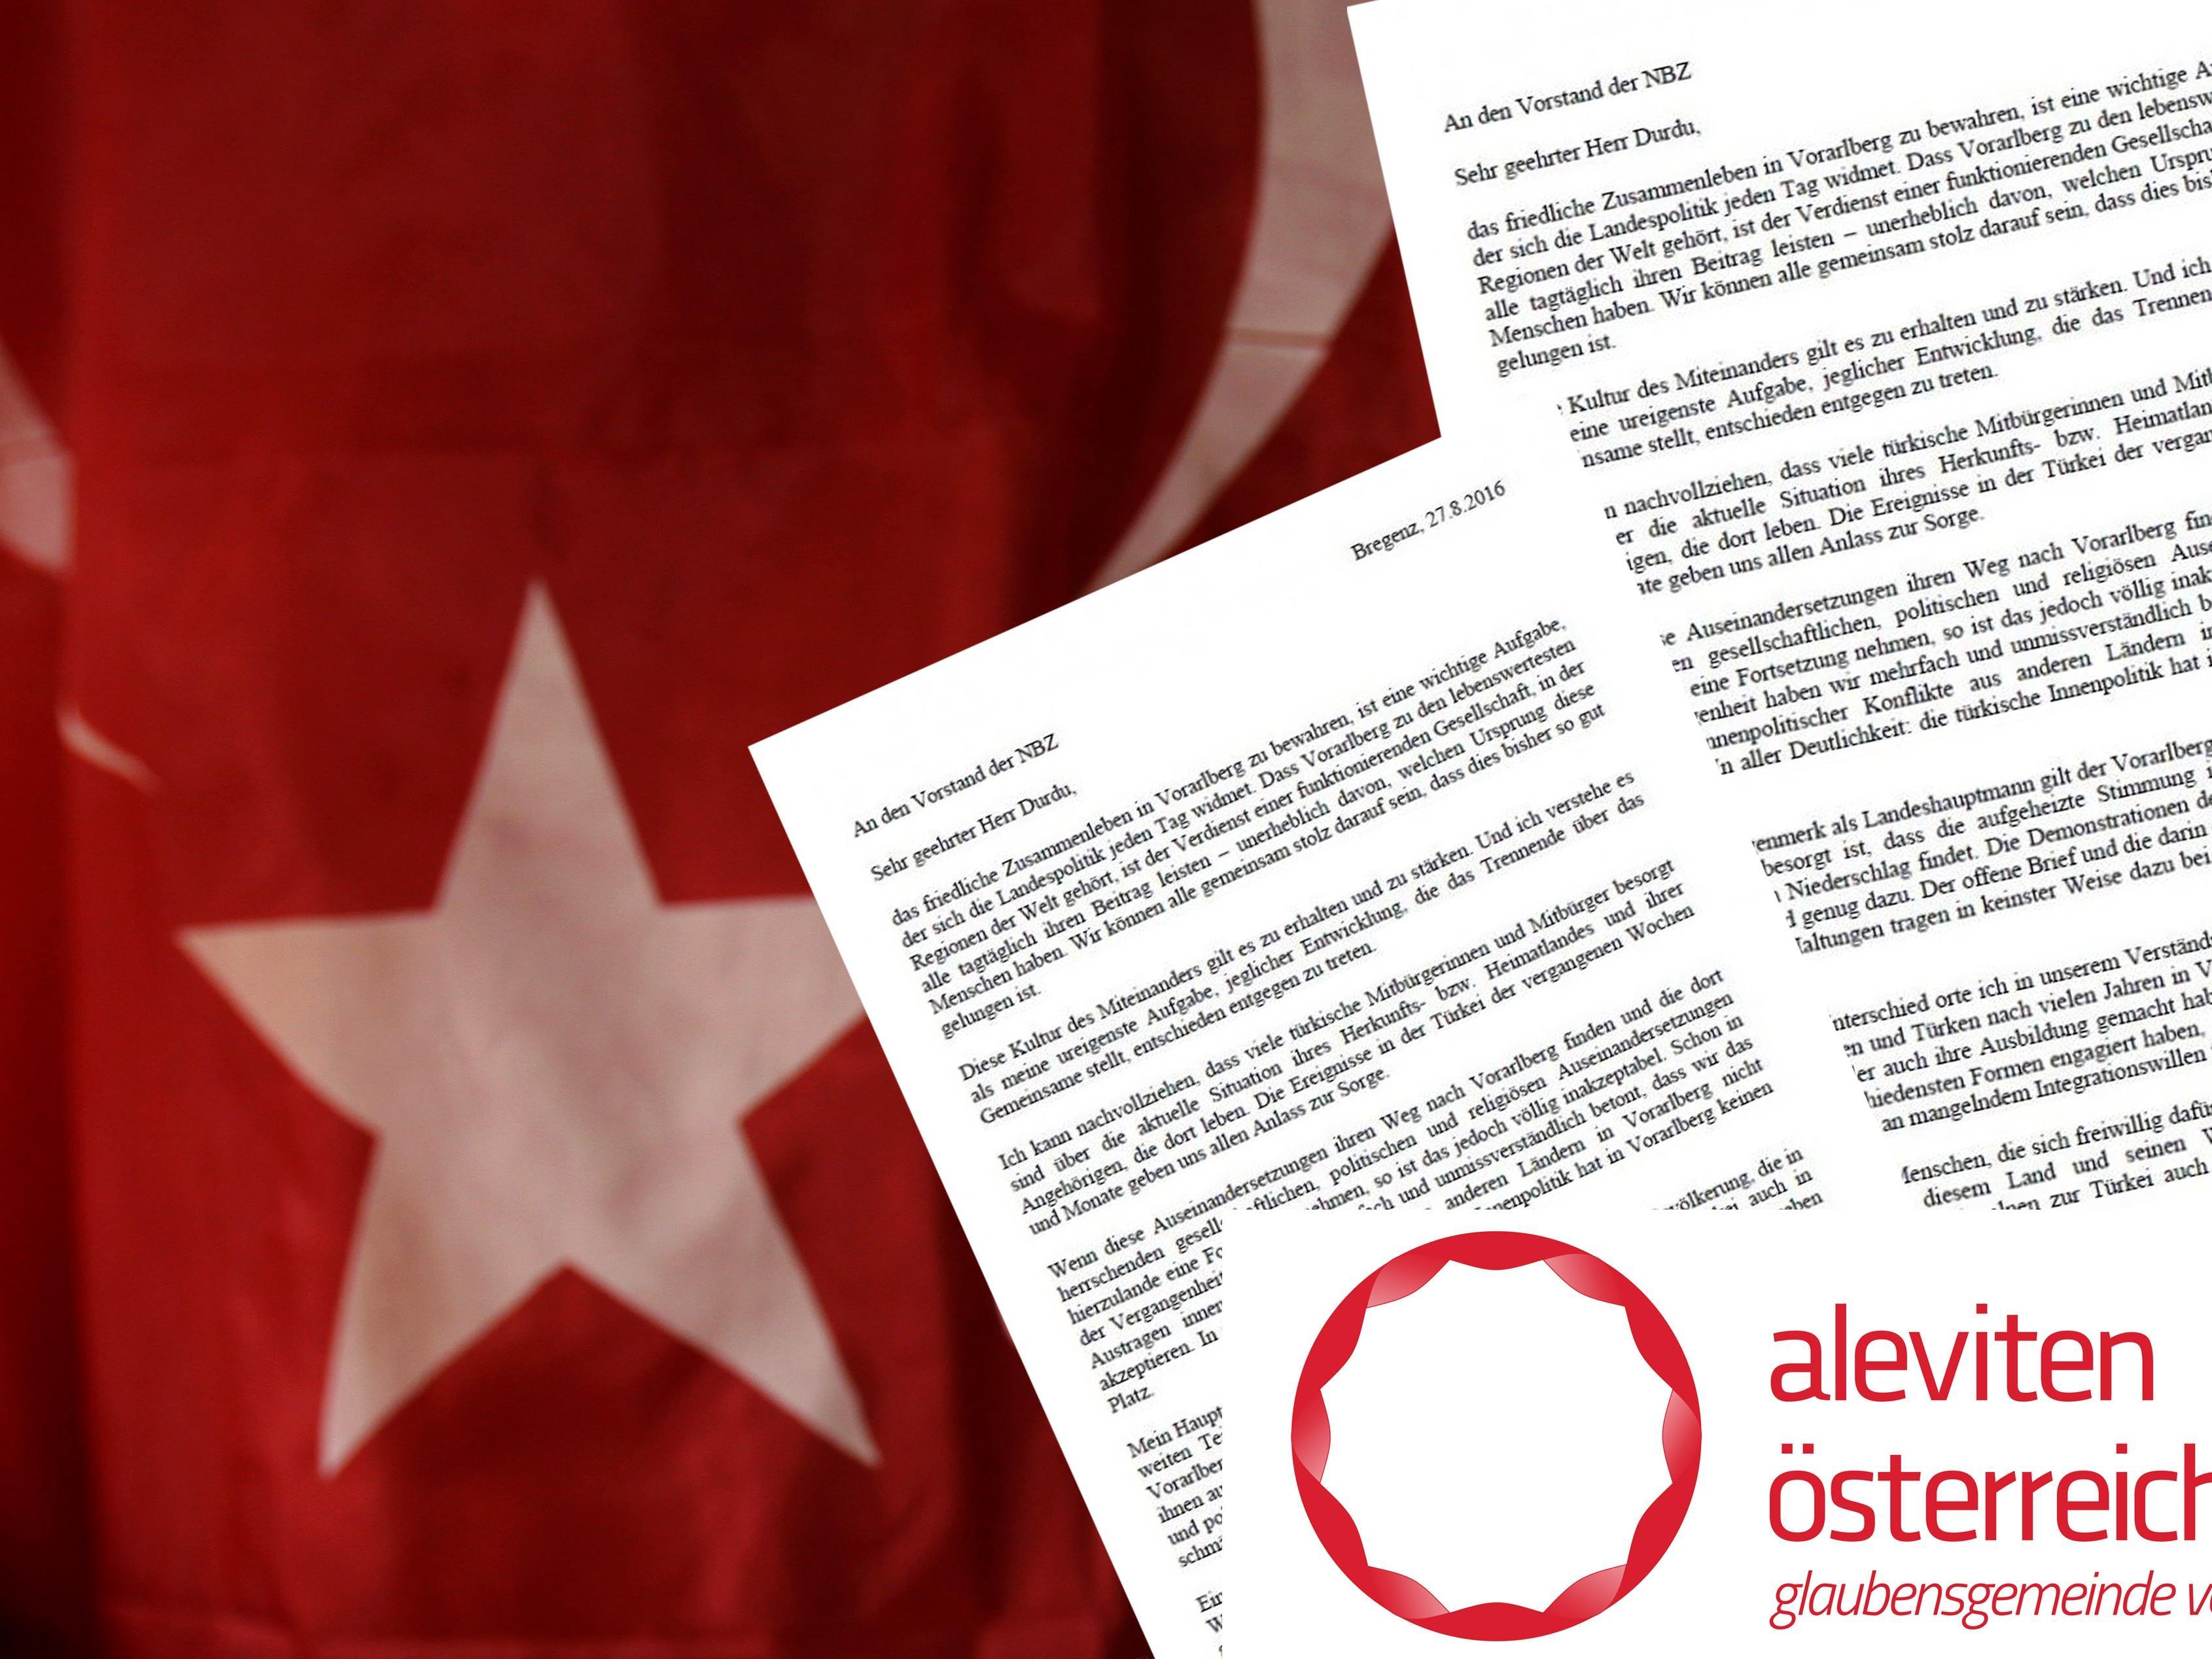 Die alevitische Glaubensgemeinschaft verurteilt das Hereintragen nationalistischer Politik nach Österreich